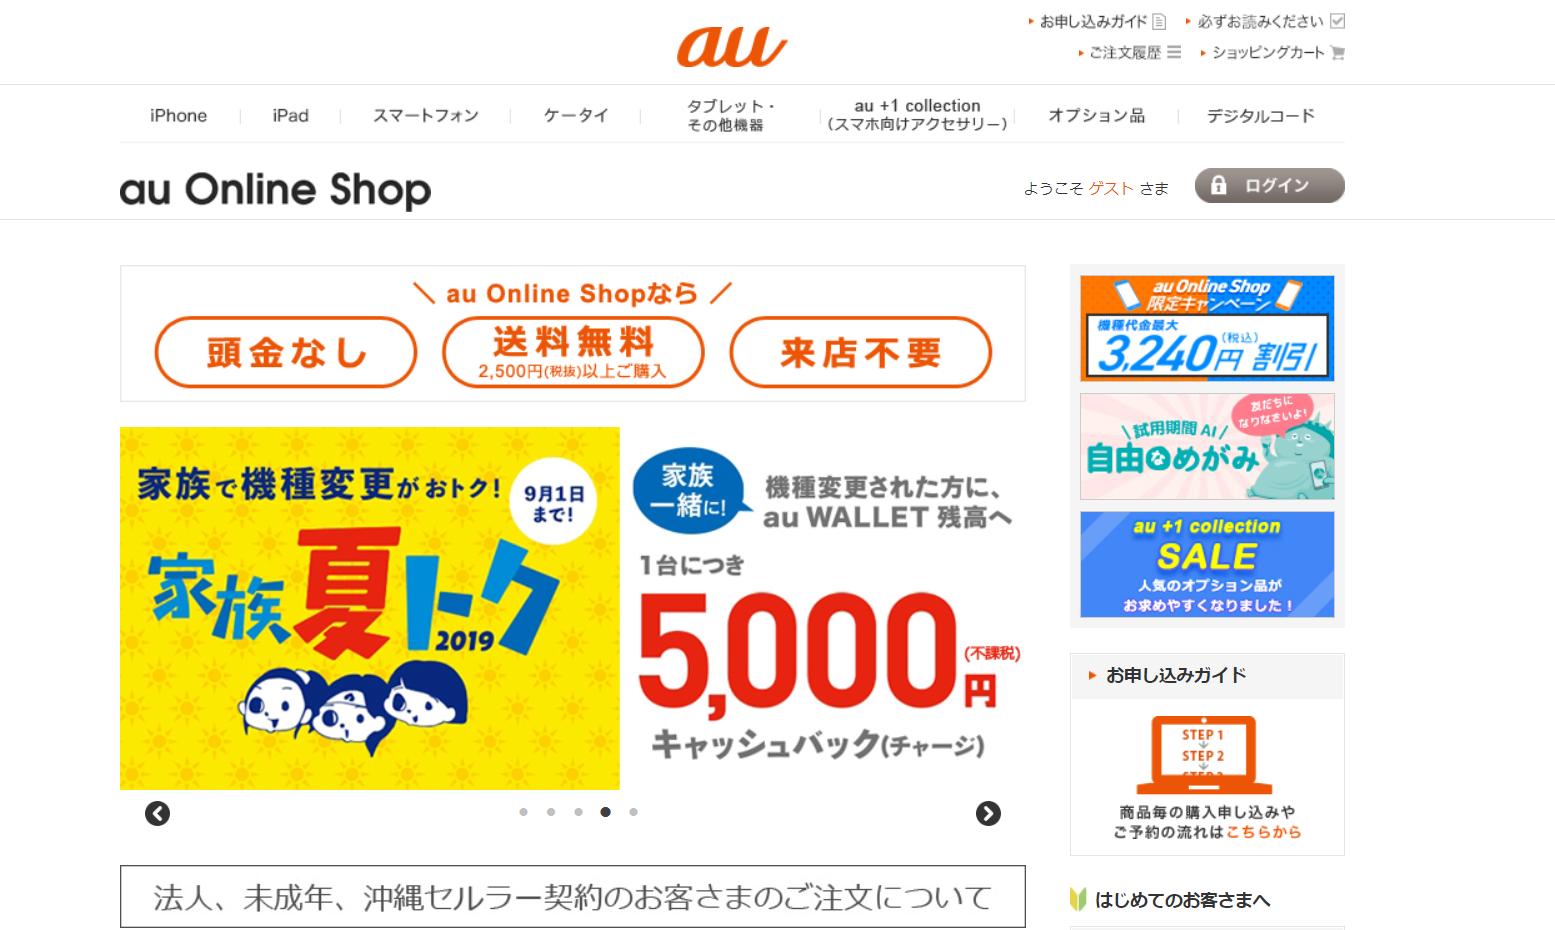 挿絵-auオンラインショップトップ